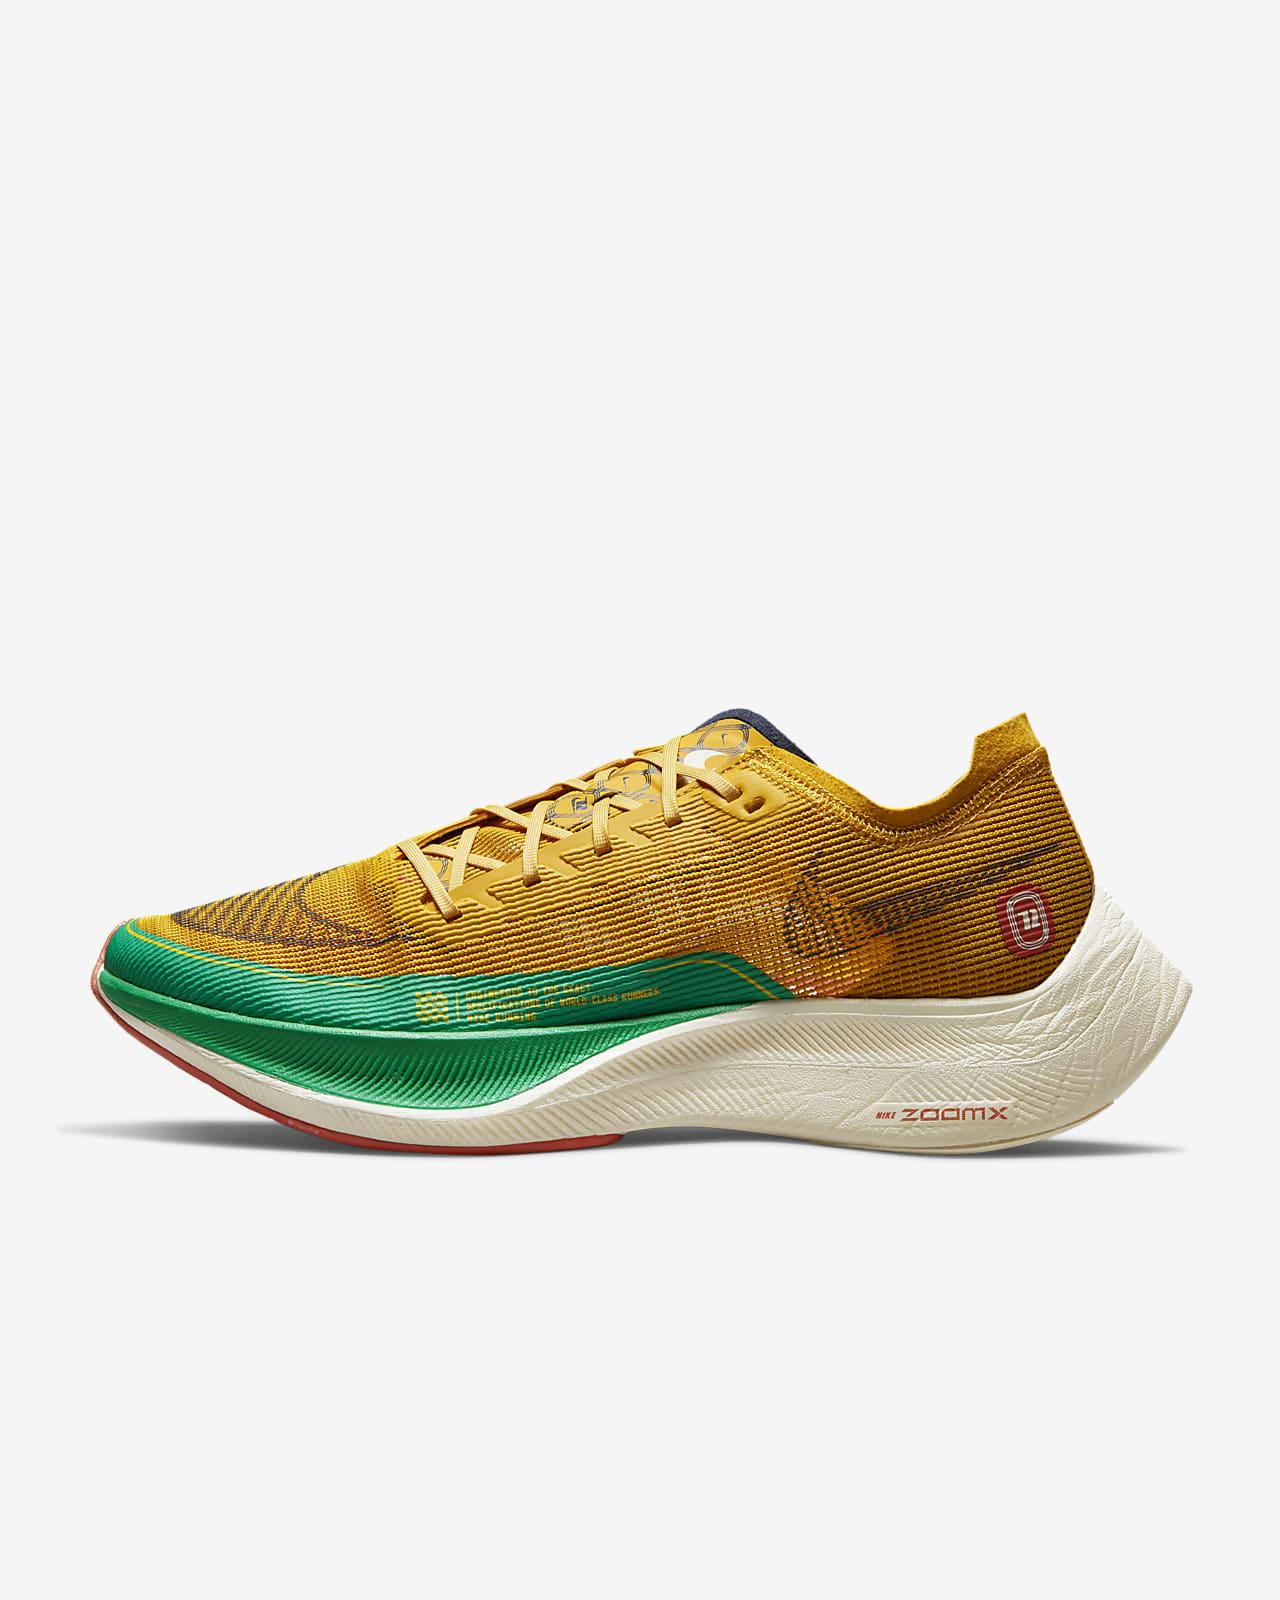 Nike ZoomX Vaporfly NEXT% 2 konkurransesko for vei til herre